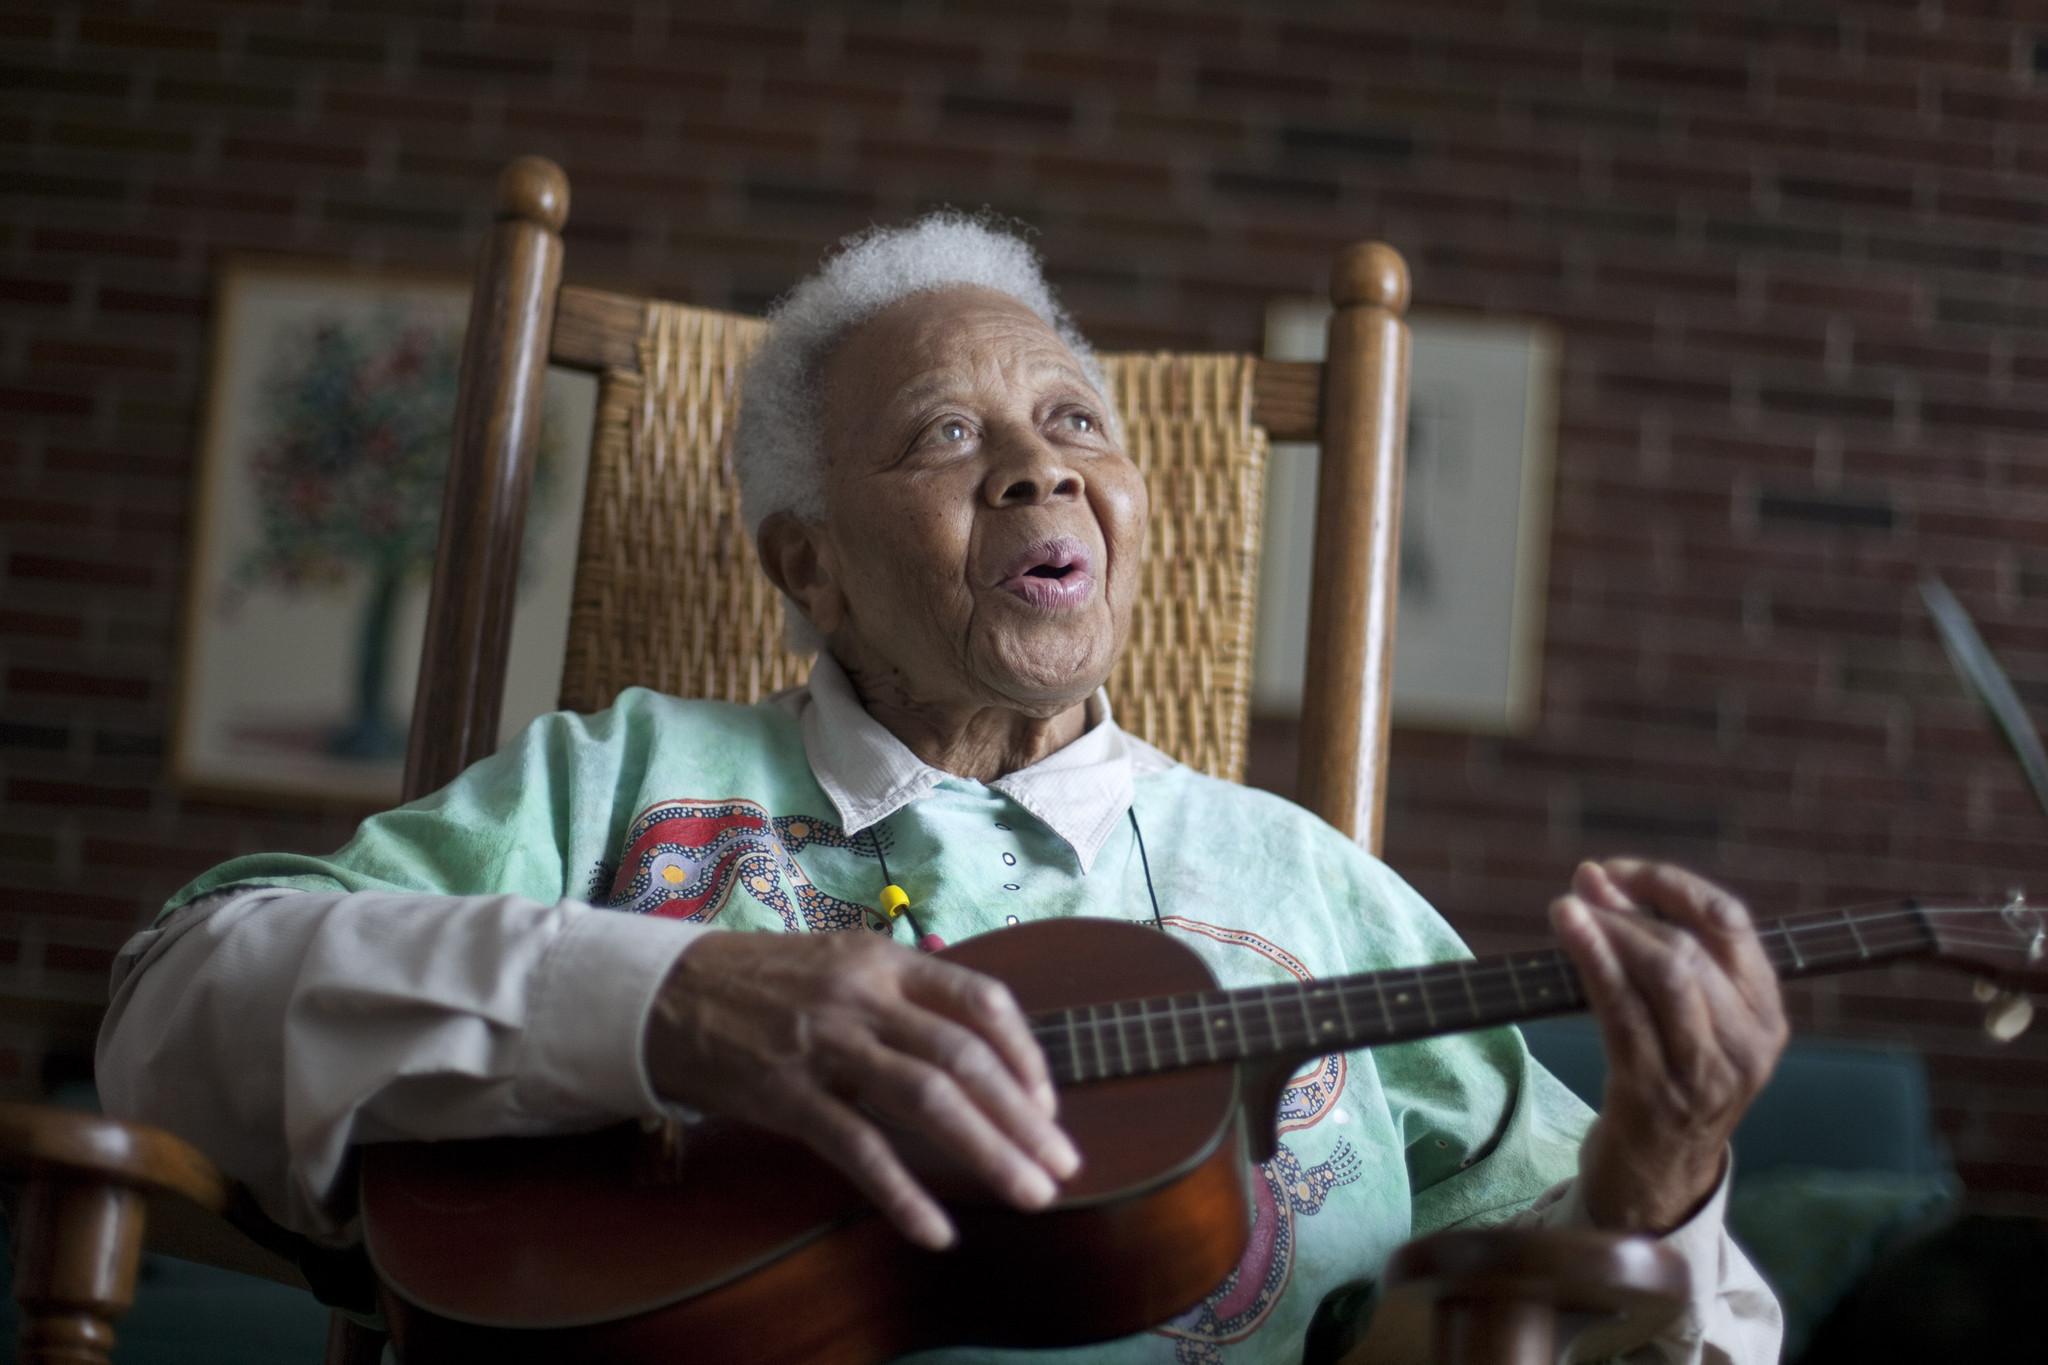 chicago celebrates ella jenkins u0026 39  90 years